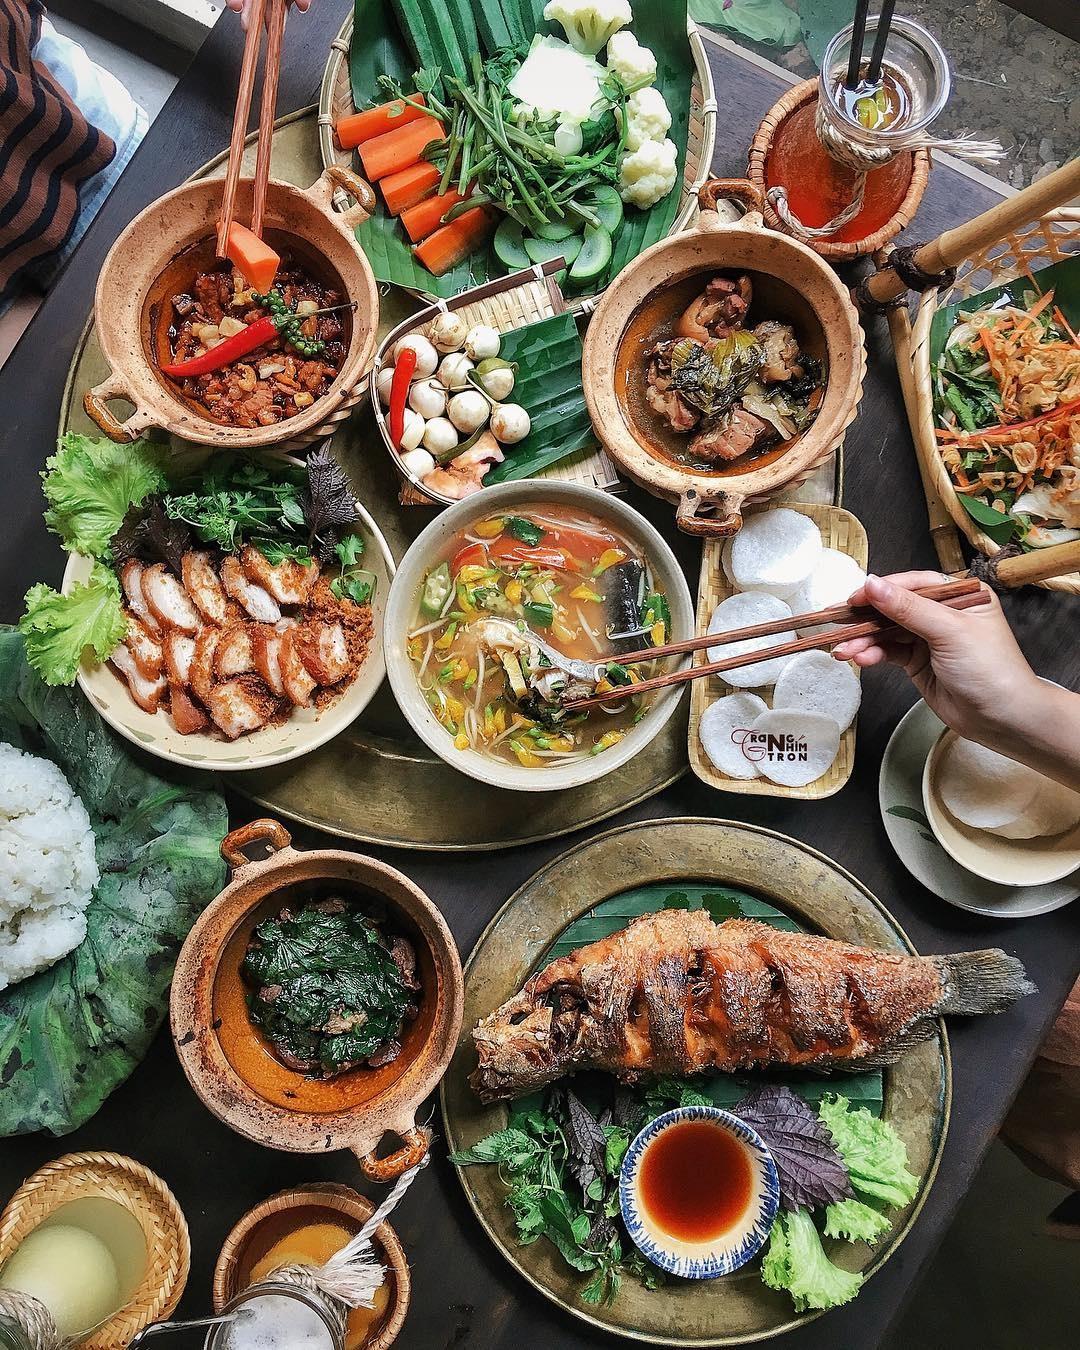 3 quán ăn ngon chuẩn cơm mẹ nấu tại Hà Nội – Địa điểm ăn uống – monmientrung.com